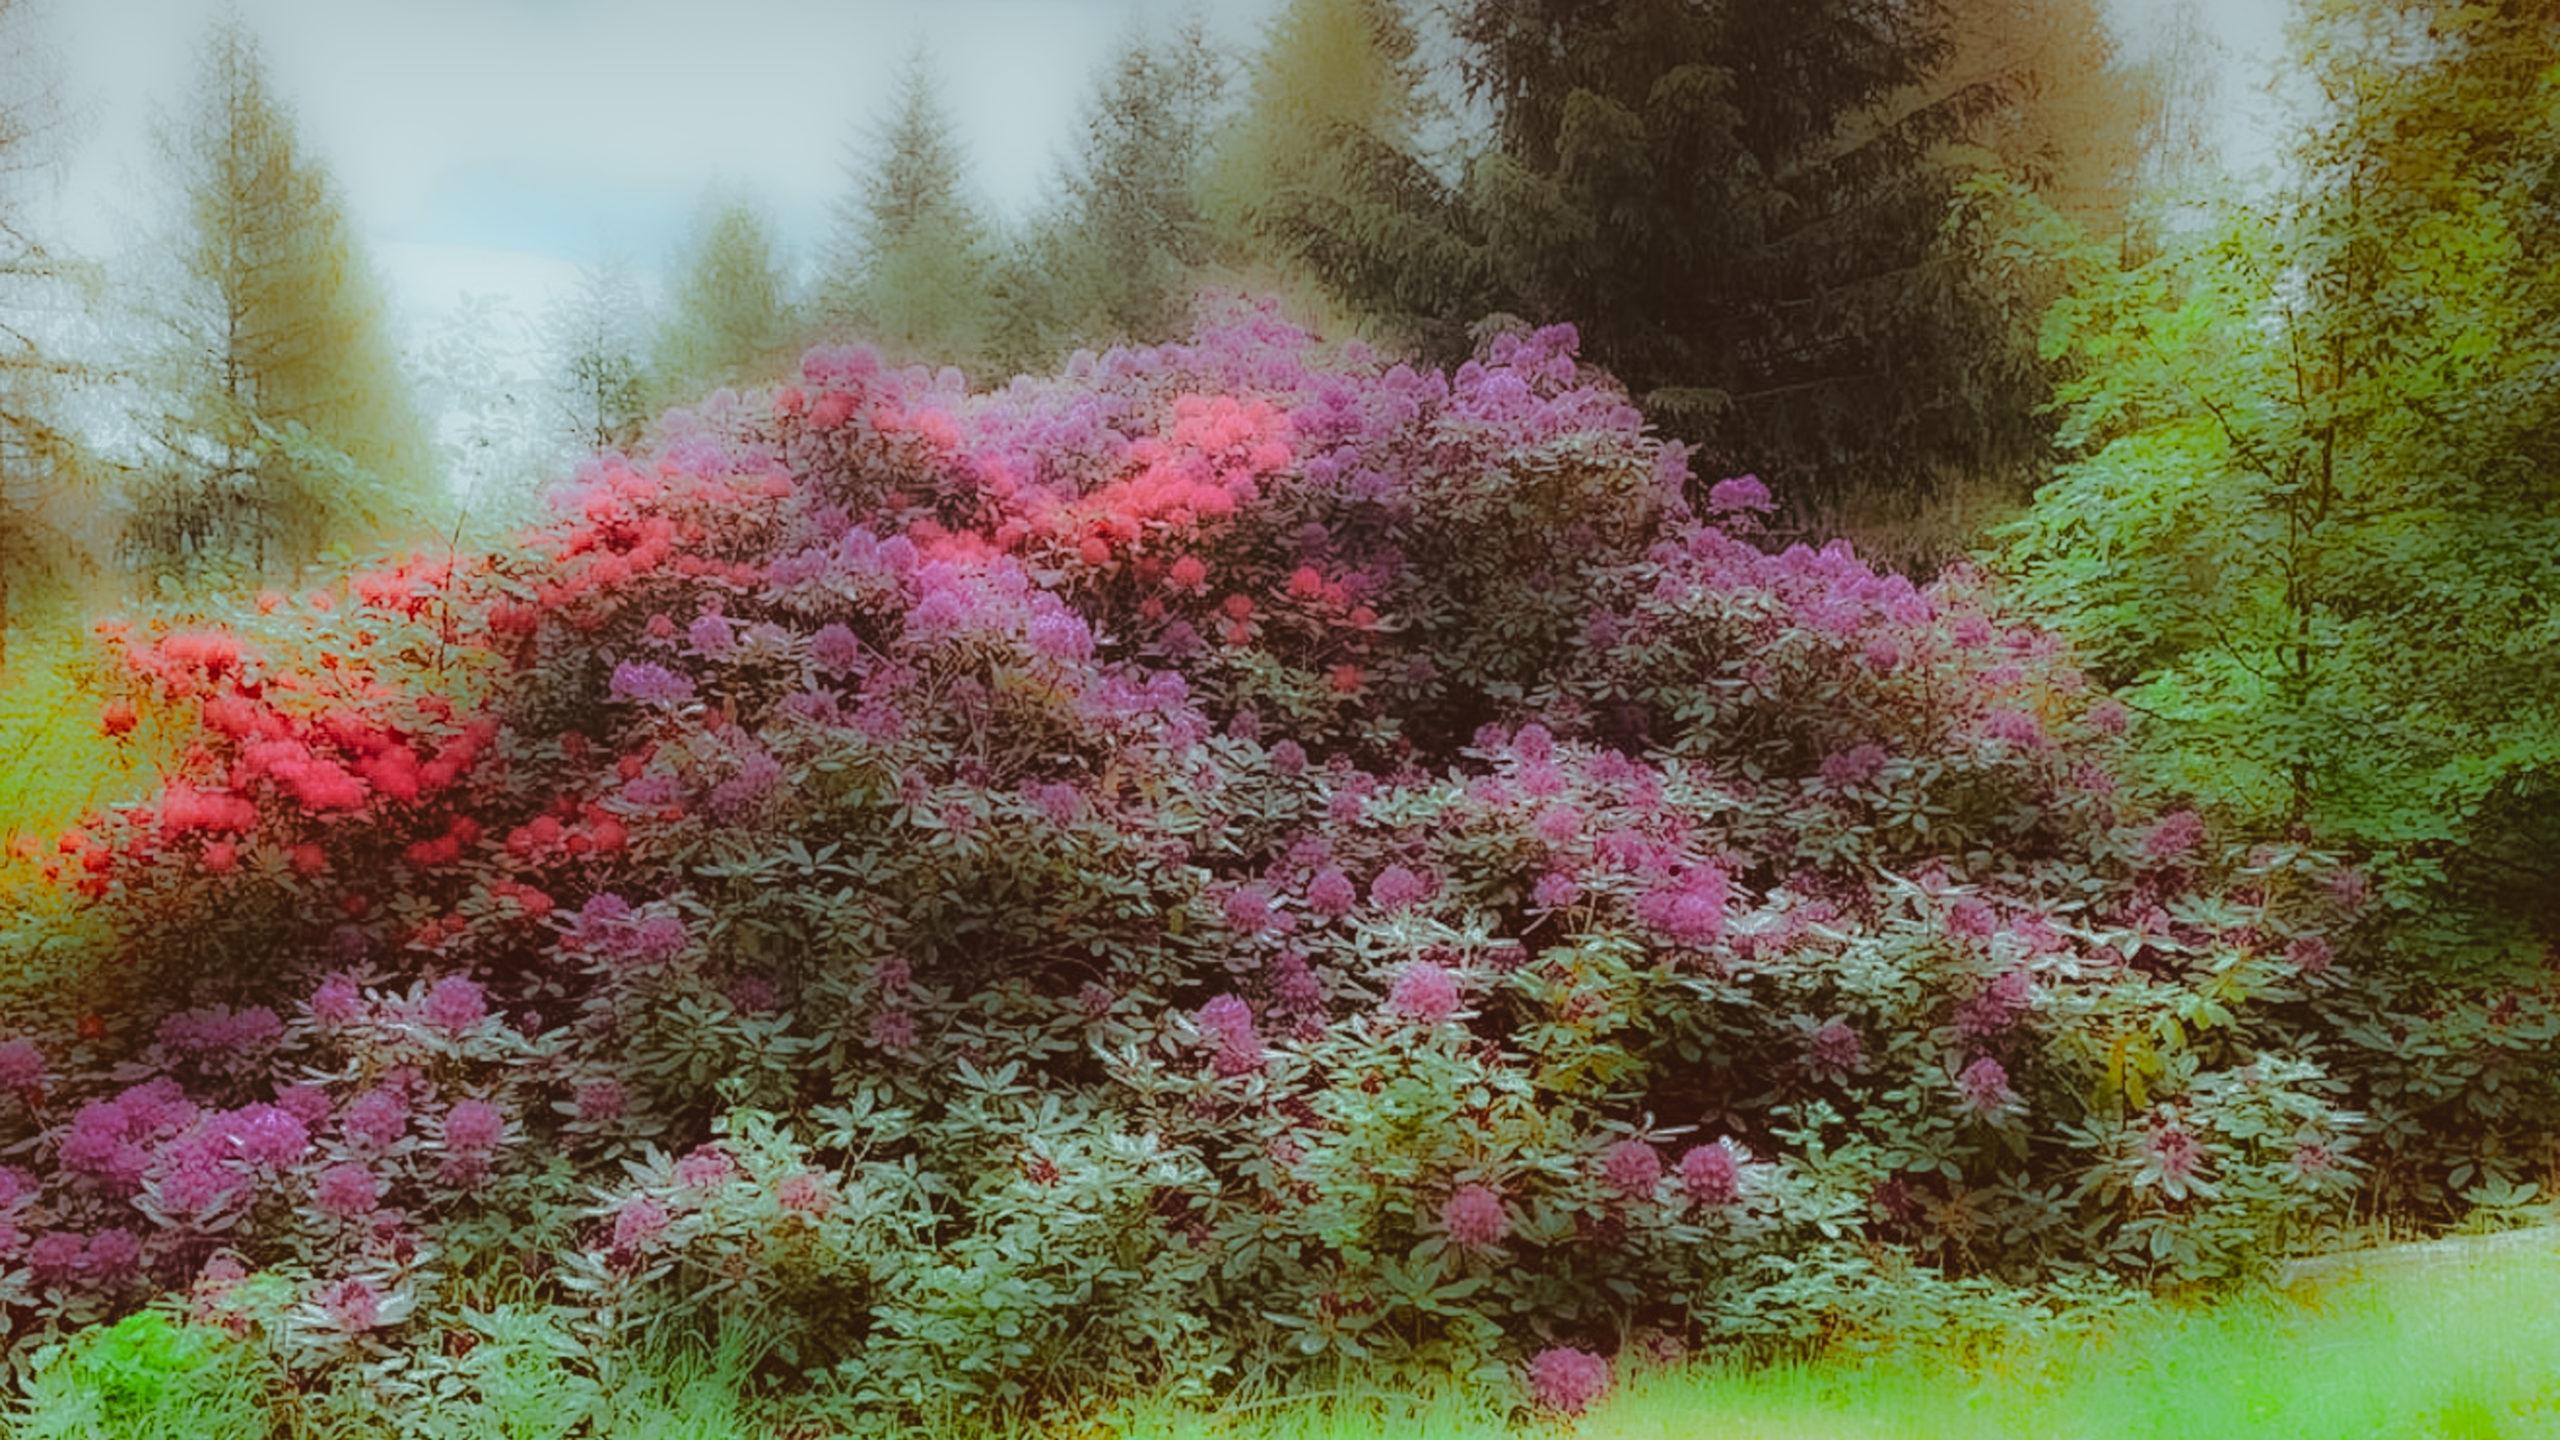 Grenzweg Gerstunger Forst, Rhododendron-Pflanze am Erbbegräbnis